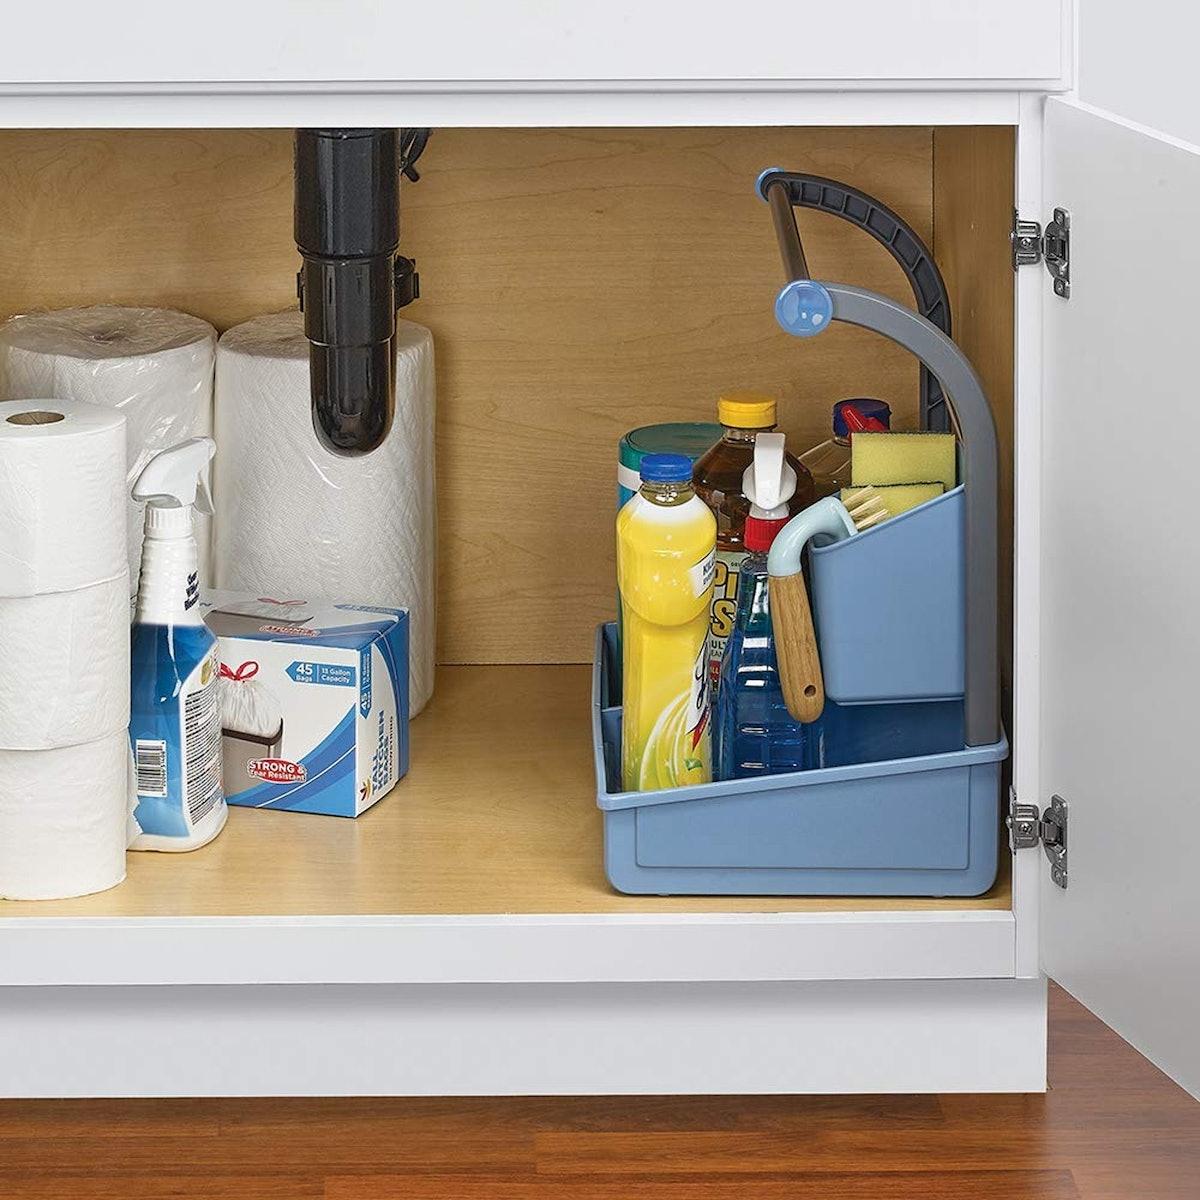 Polder Under-Sink Cleaning Supplies Organizer